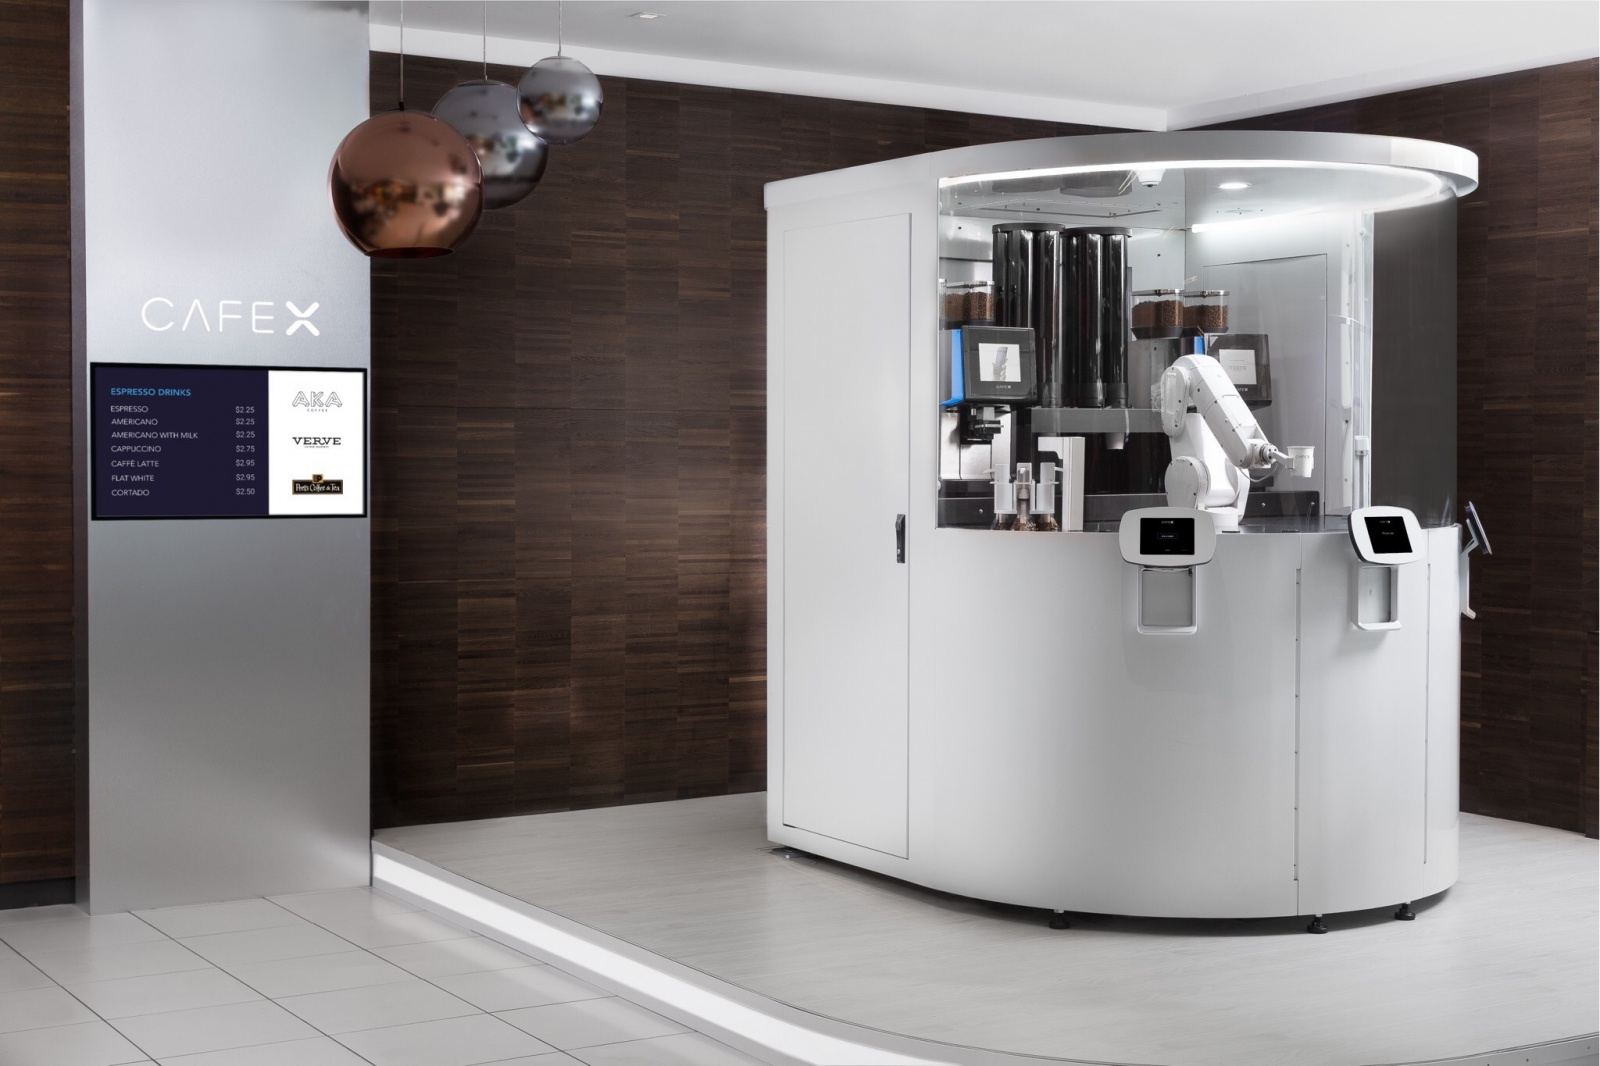 В Сан-Франциско открылась полностью автоматизированная кофейня - 1